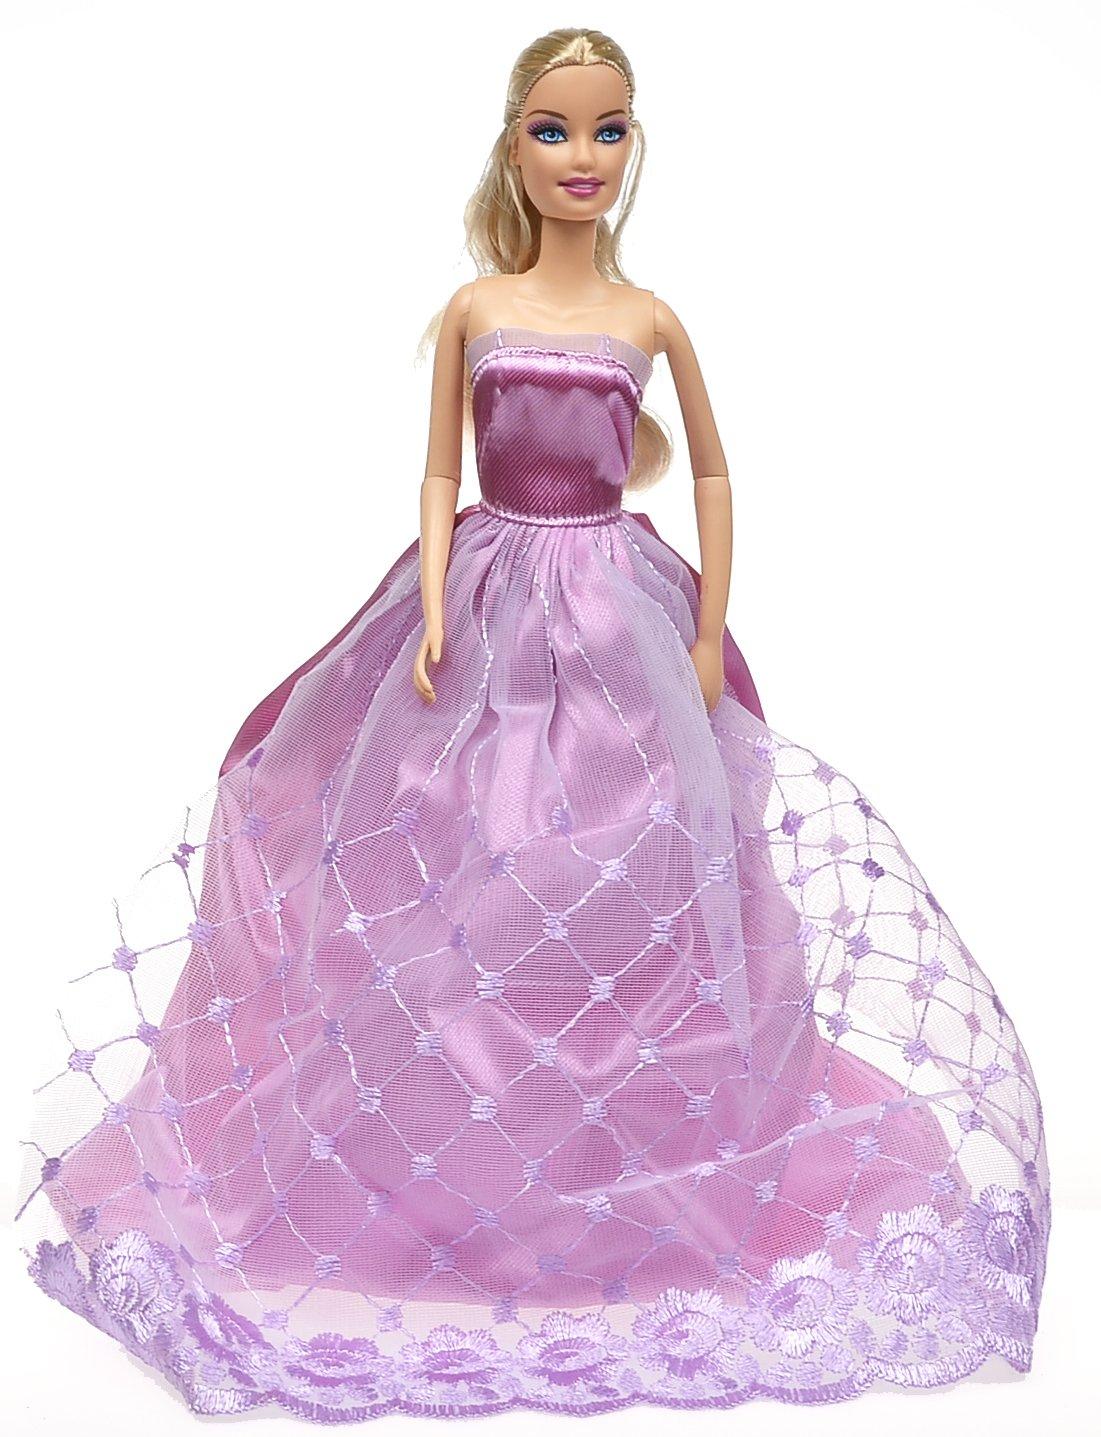 Dolls Princess Dress Gown Set,2 Pieces